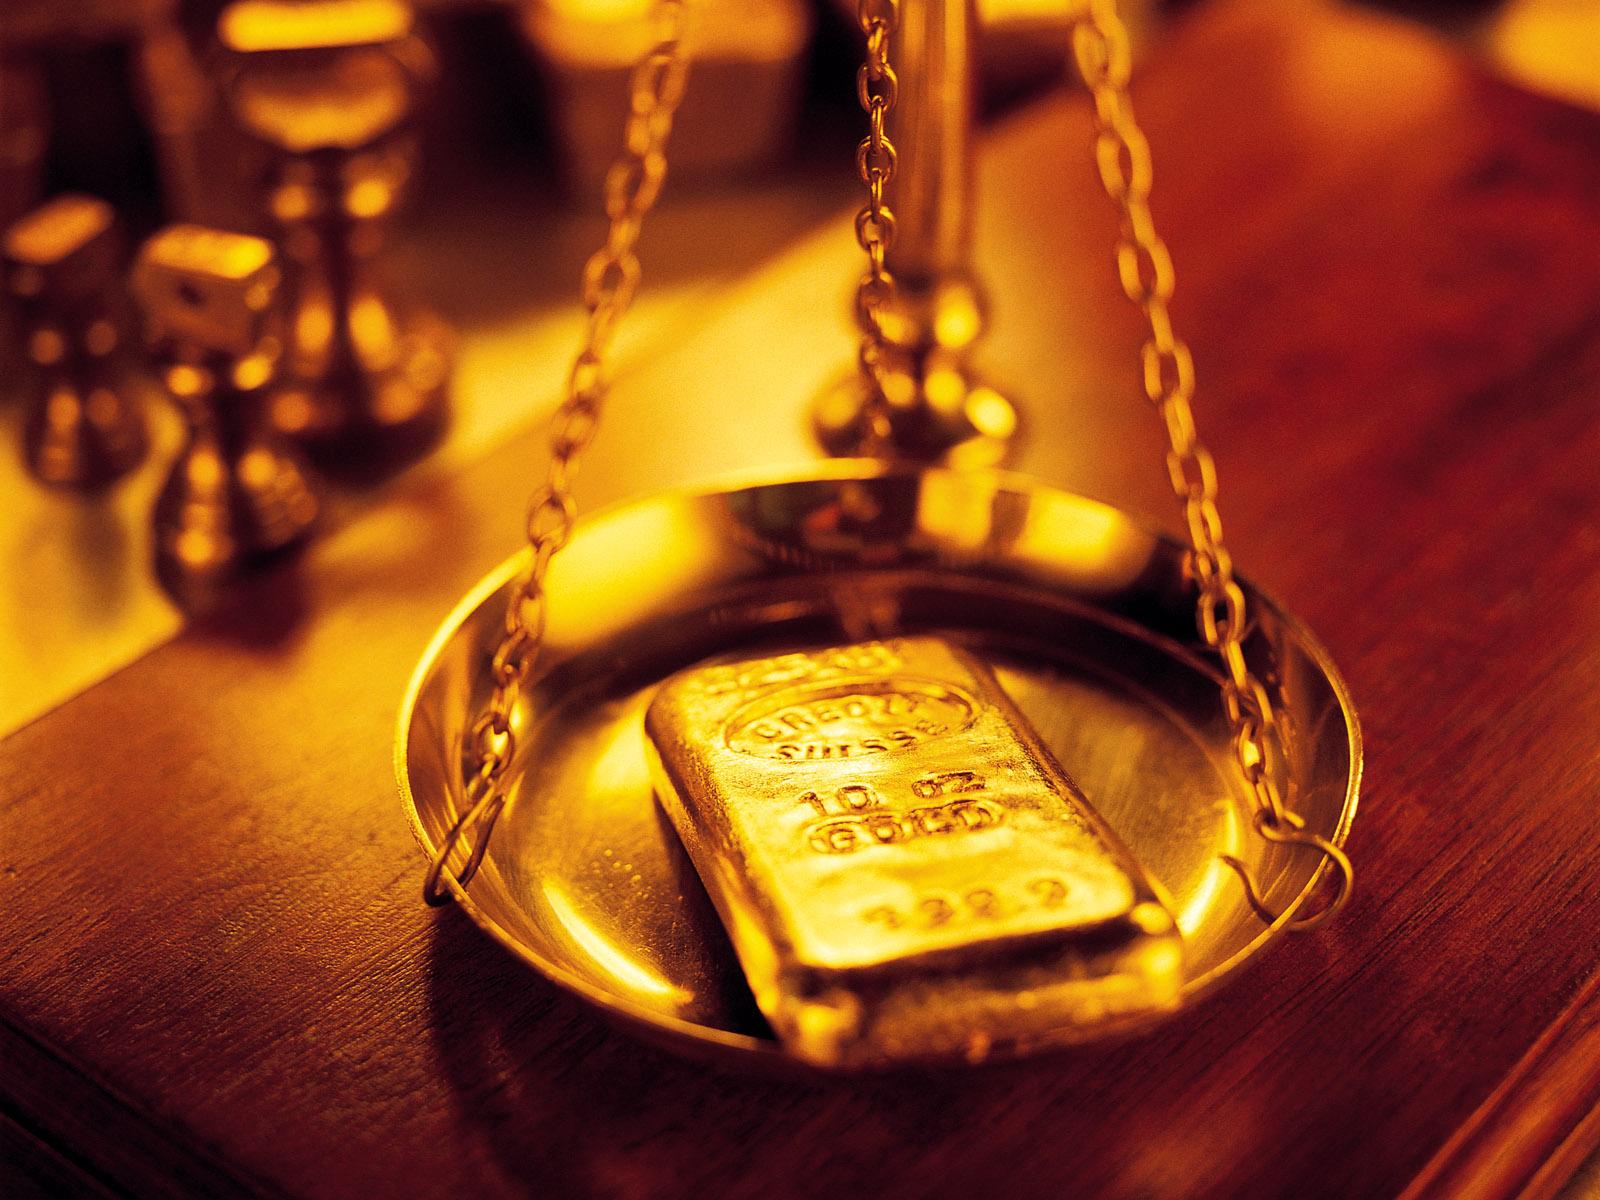 giá vàng hôm nay ngày 21/3/2015 tiếp tục tăng ngày thứ 3 liên tiếp